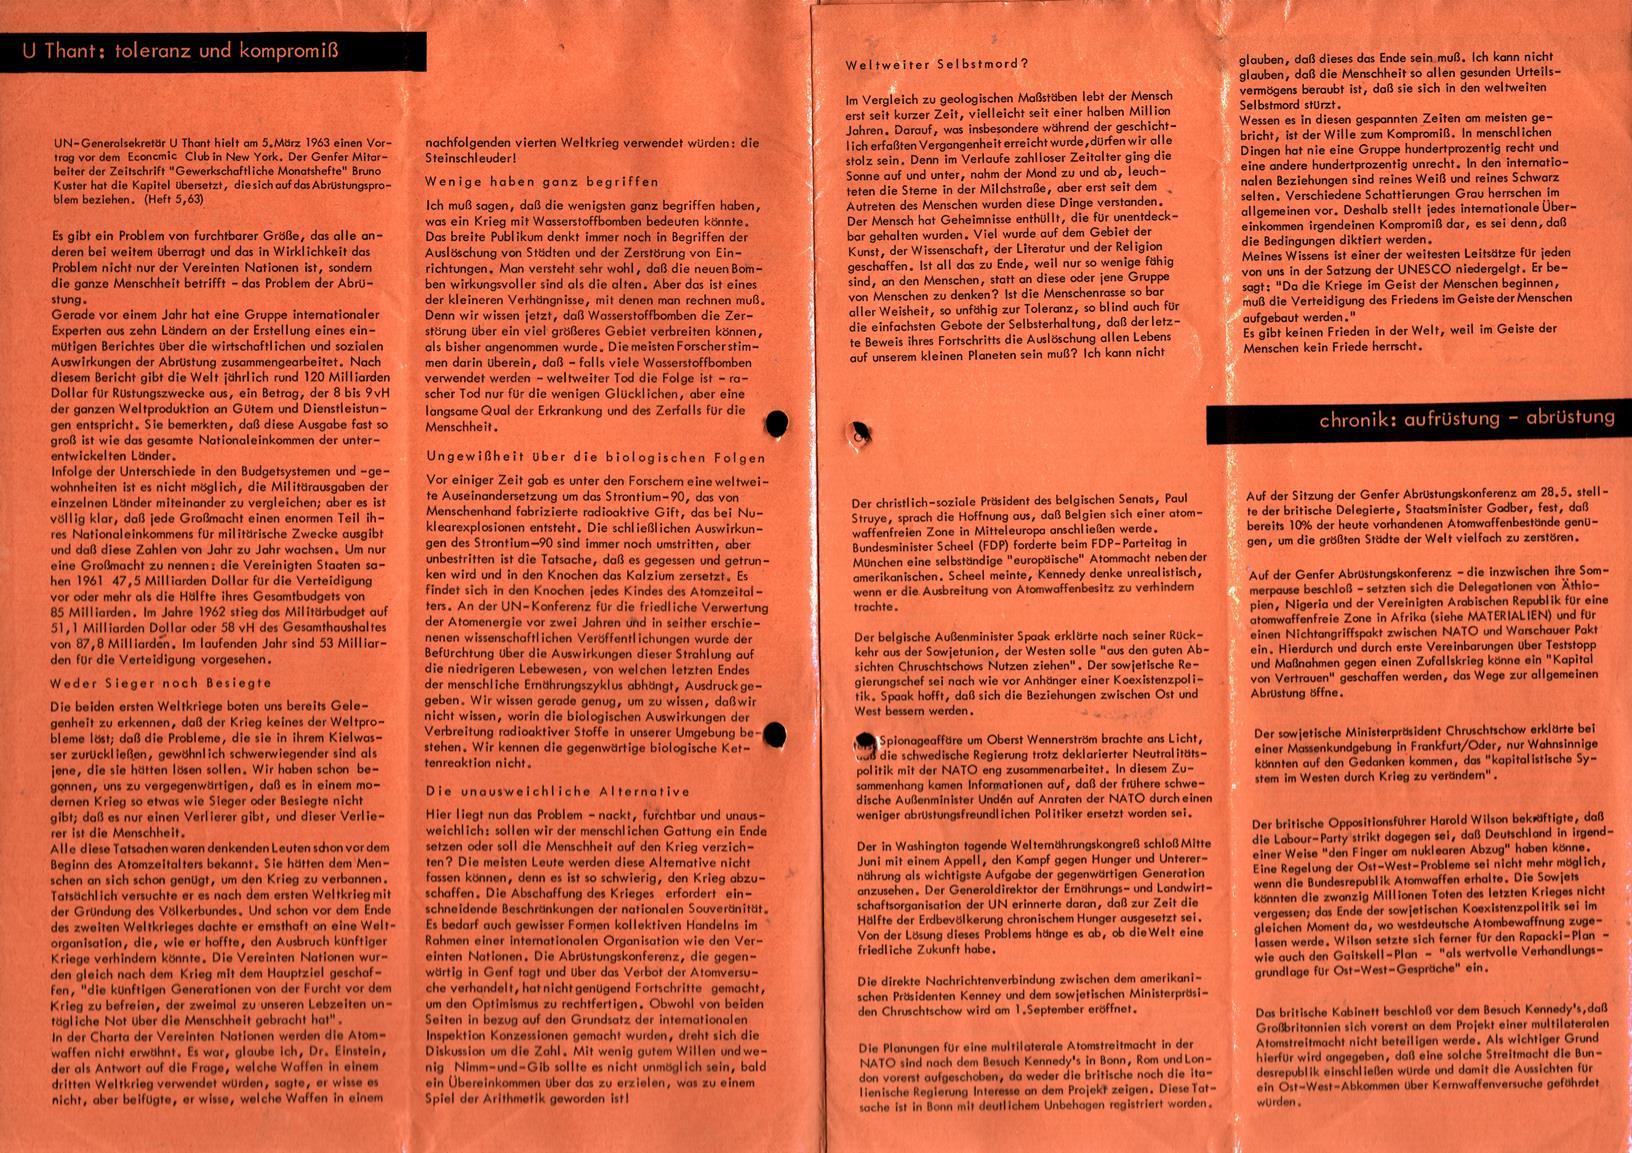 Infos_zur_Abruestung_1963_002_002